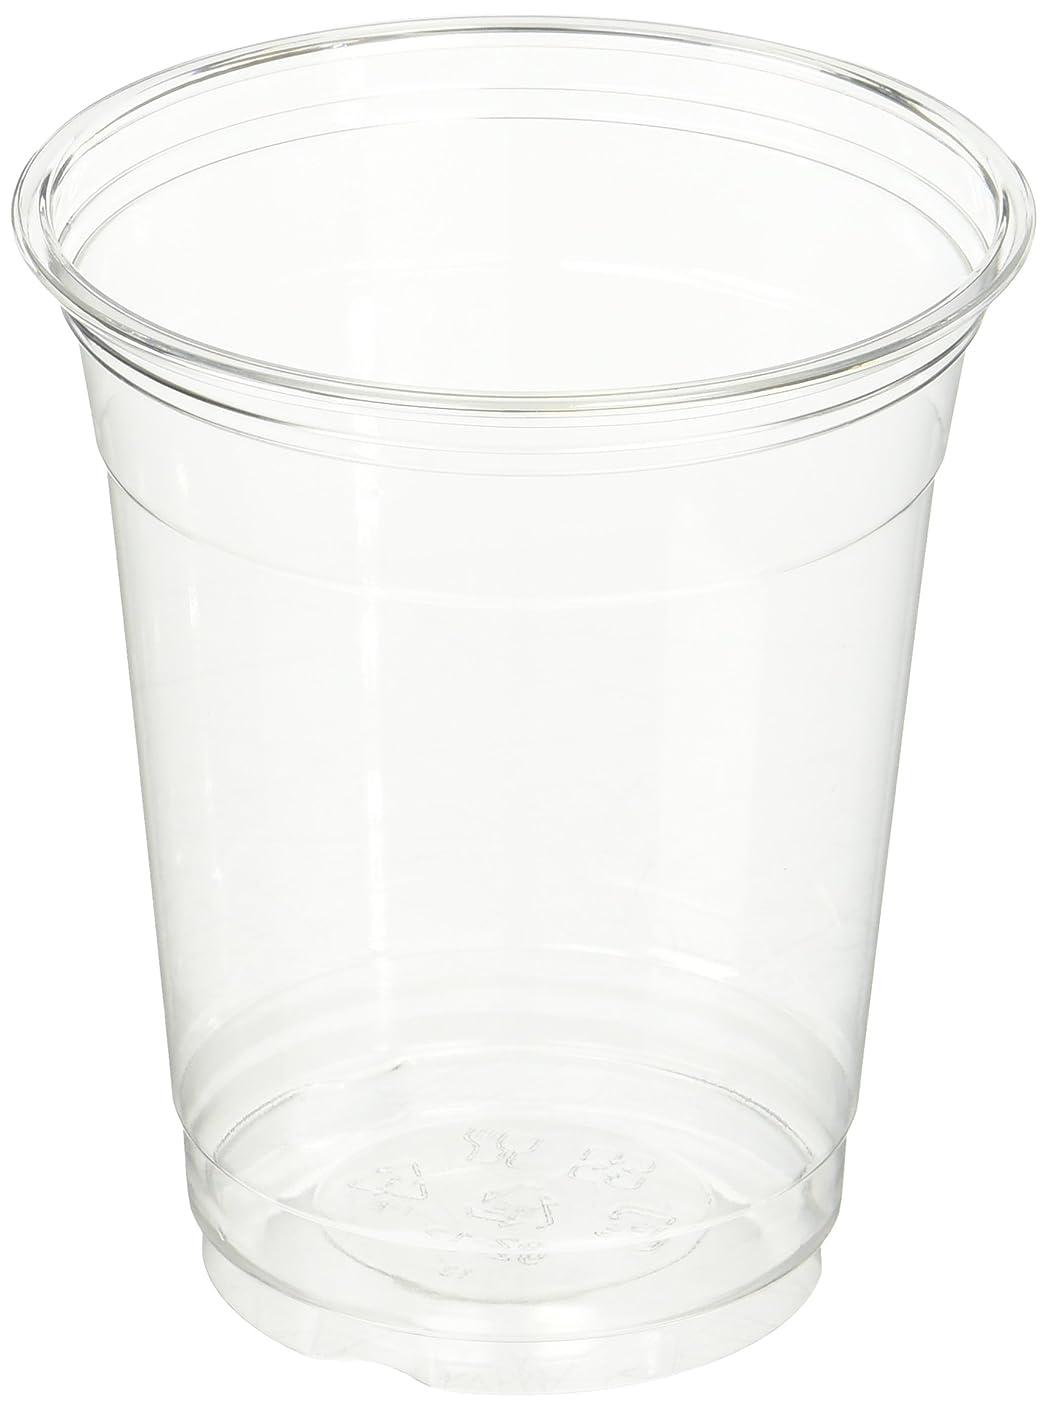 アシスト慢なオーバーラン【業務用】クリアPETカップ 420ML 14オンス 50個入